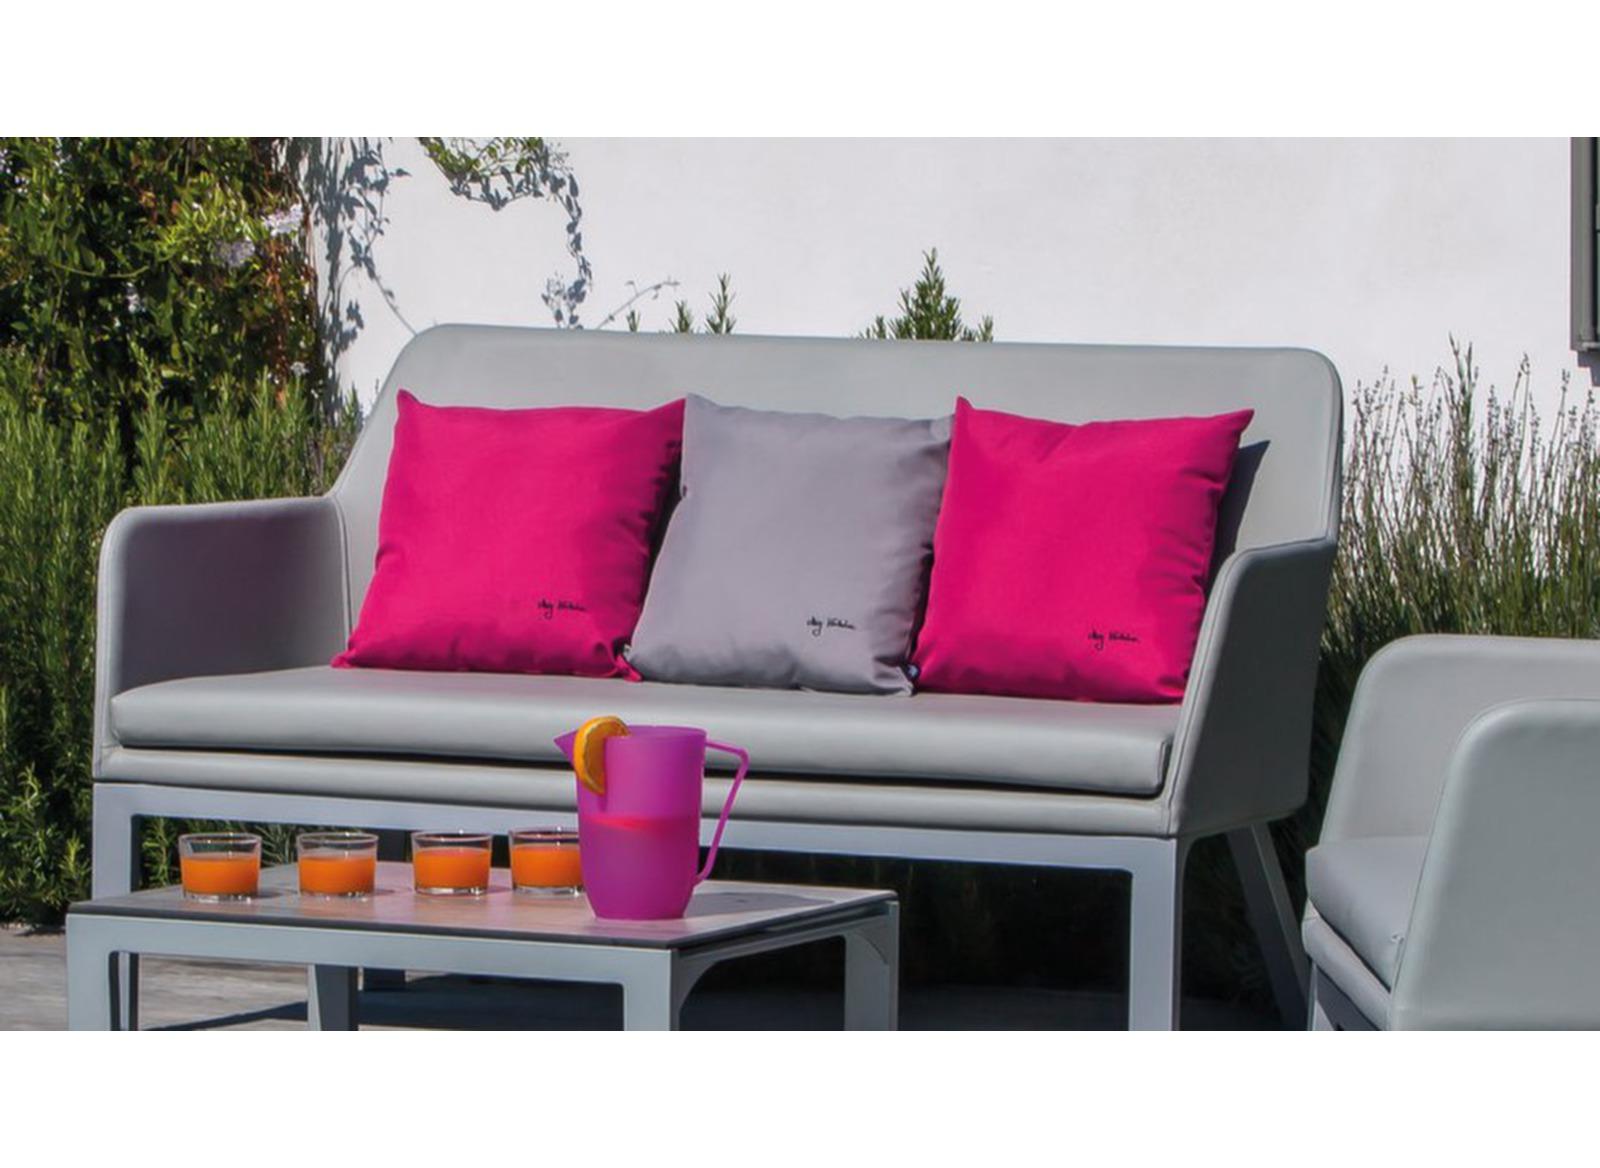 coussin d 39 ext rieur d cor garden 40x40 proloisirs. Black Bedroom Furniture Sets. Home Design Ideas